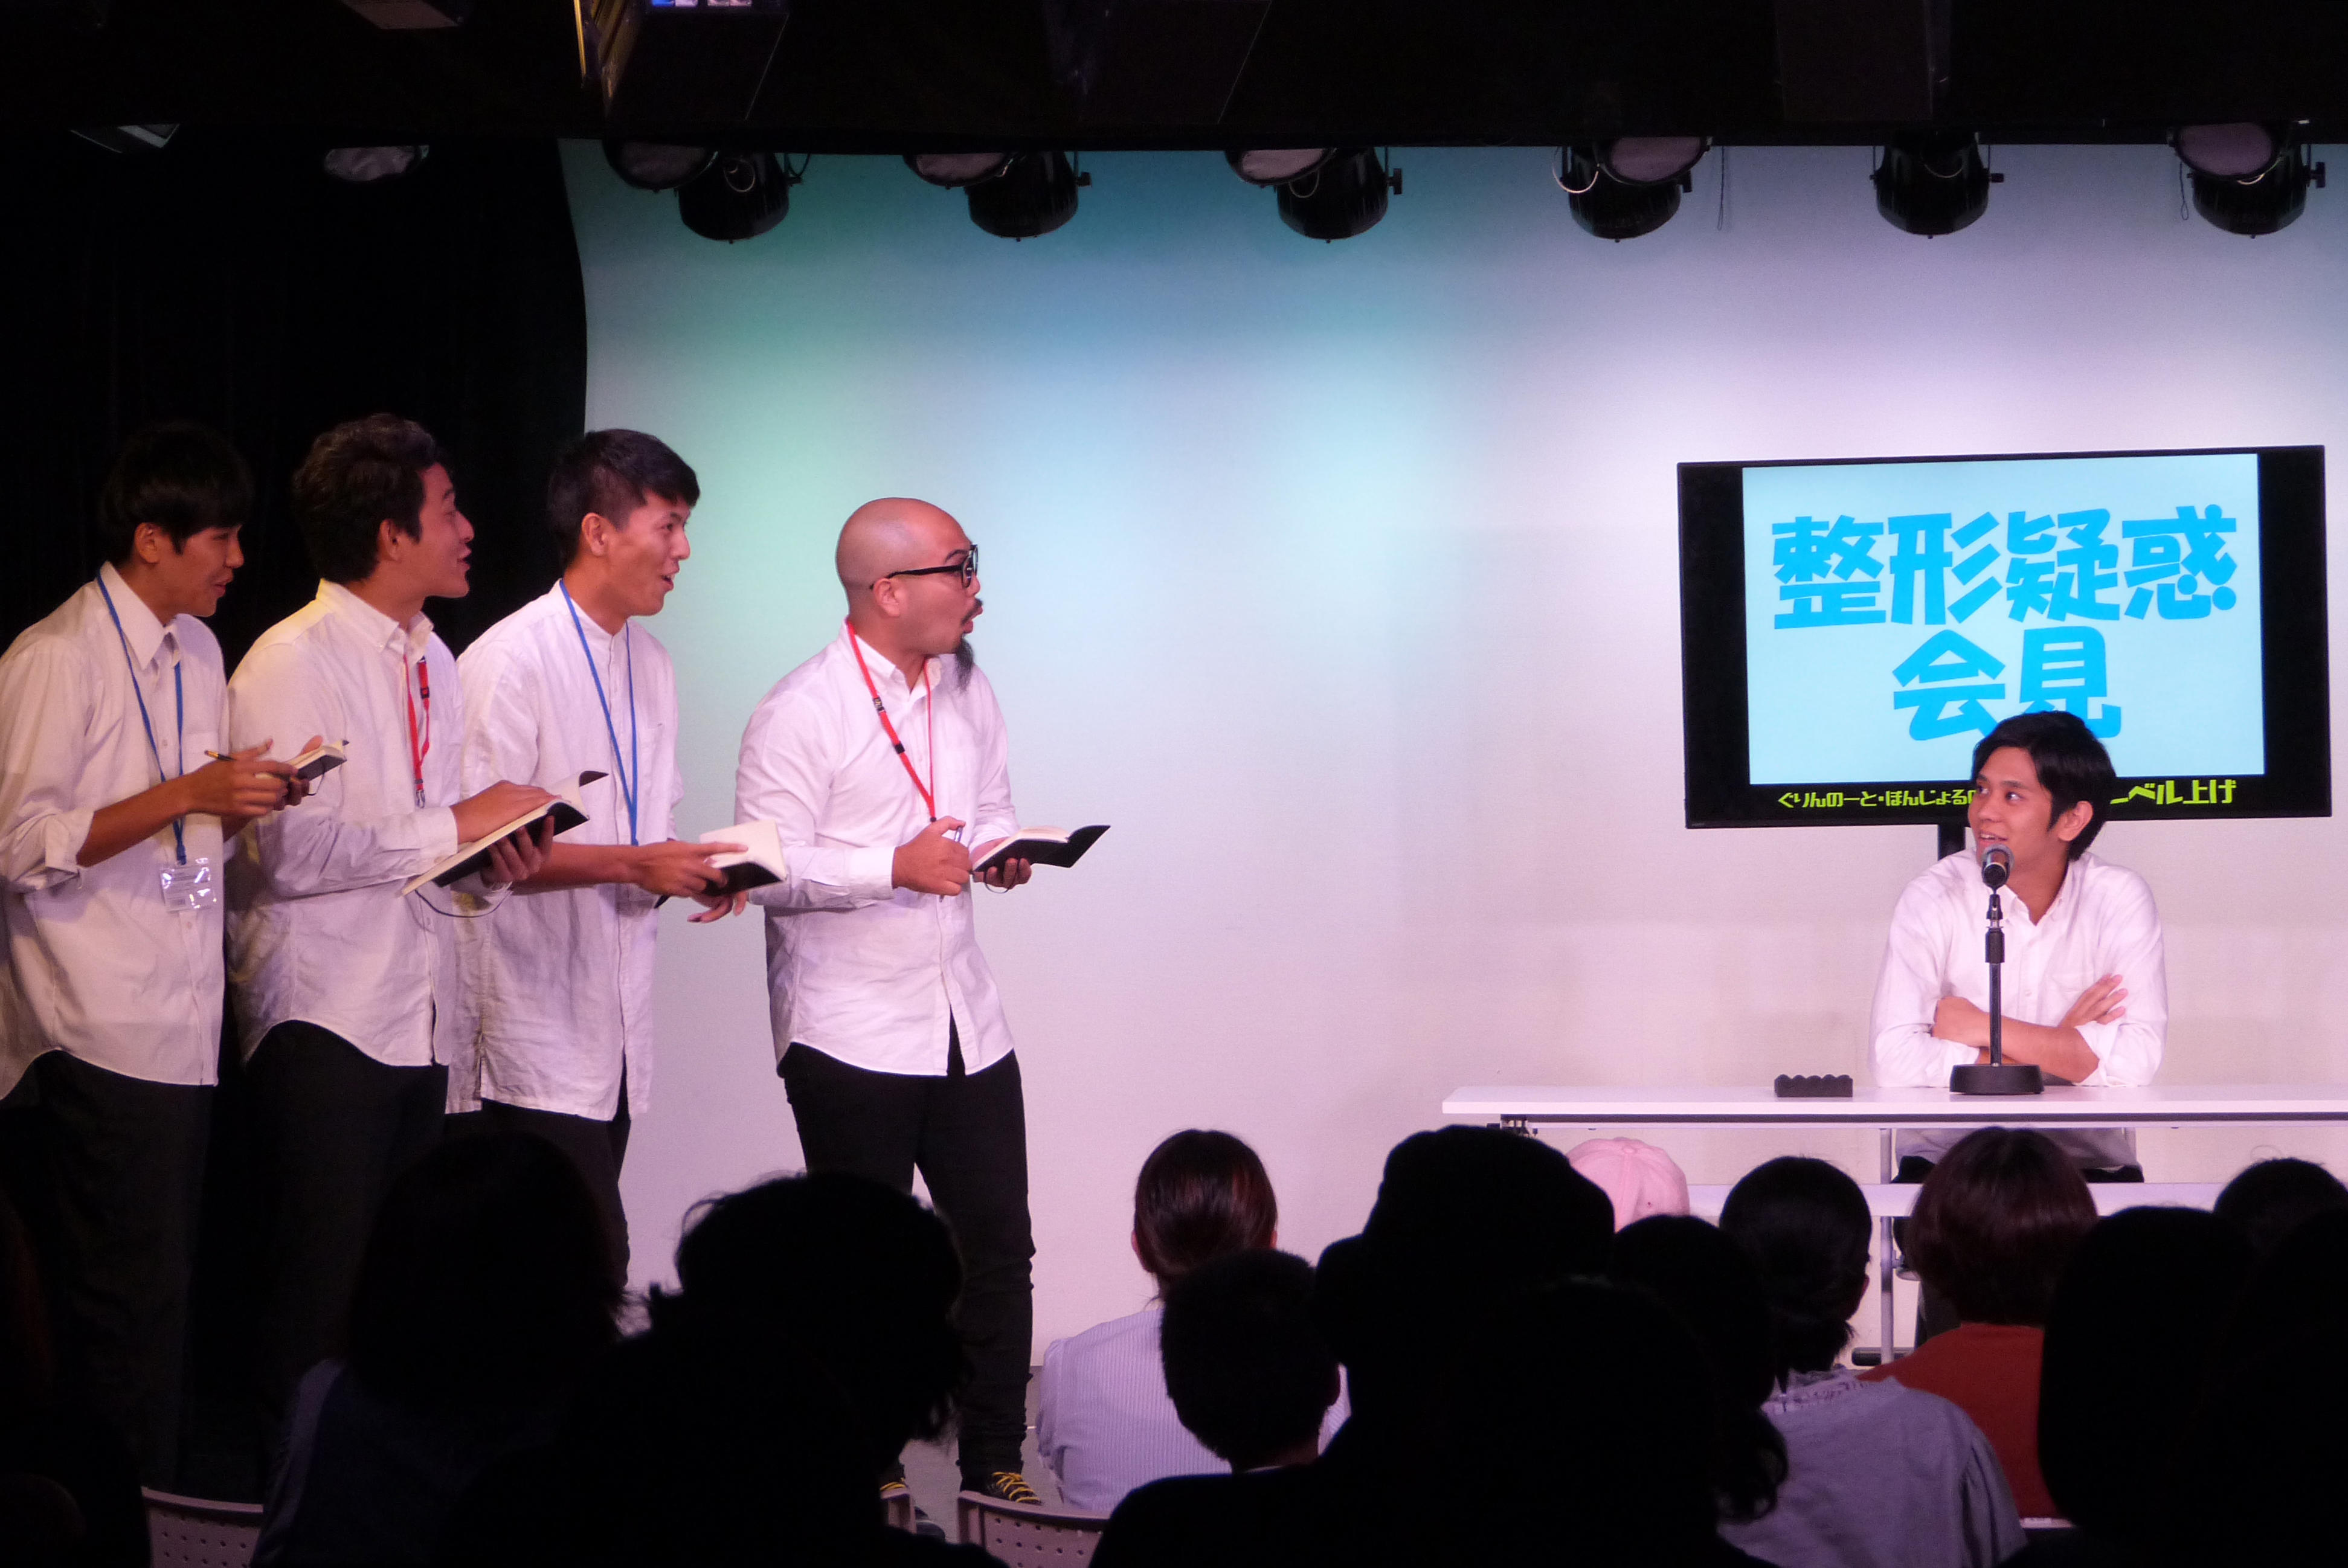 http://news.yoshimoto.co.jp/20180727212817-472522b2c00cc4cb890fa3c36cf56226942a6bb8.jpg